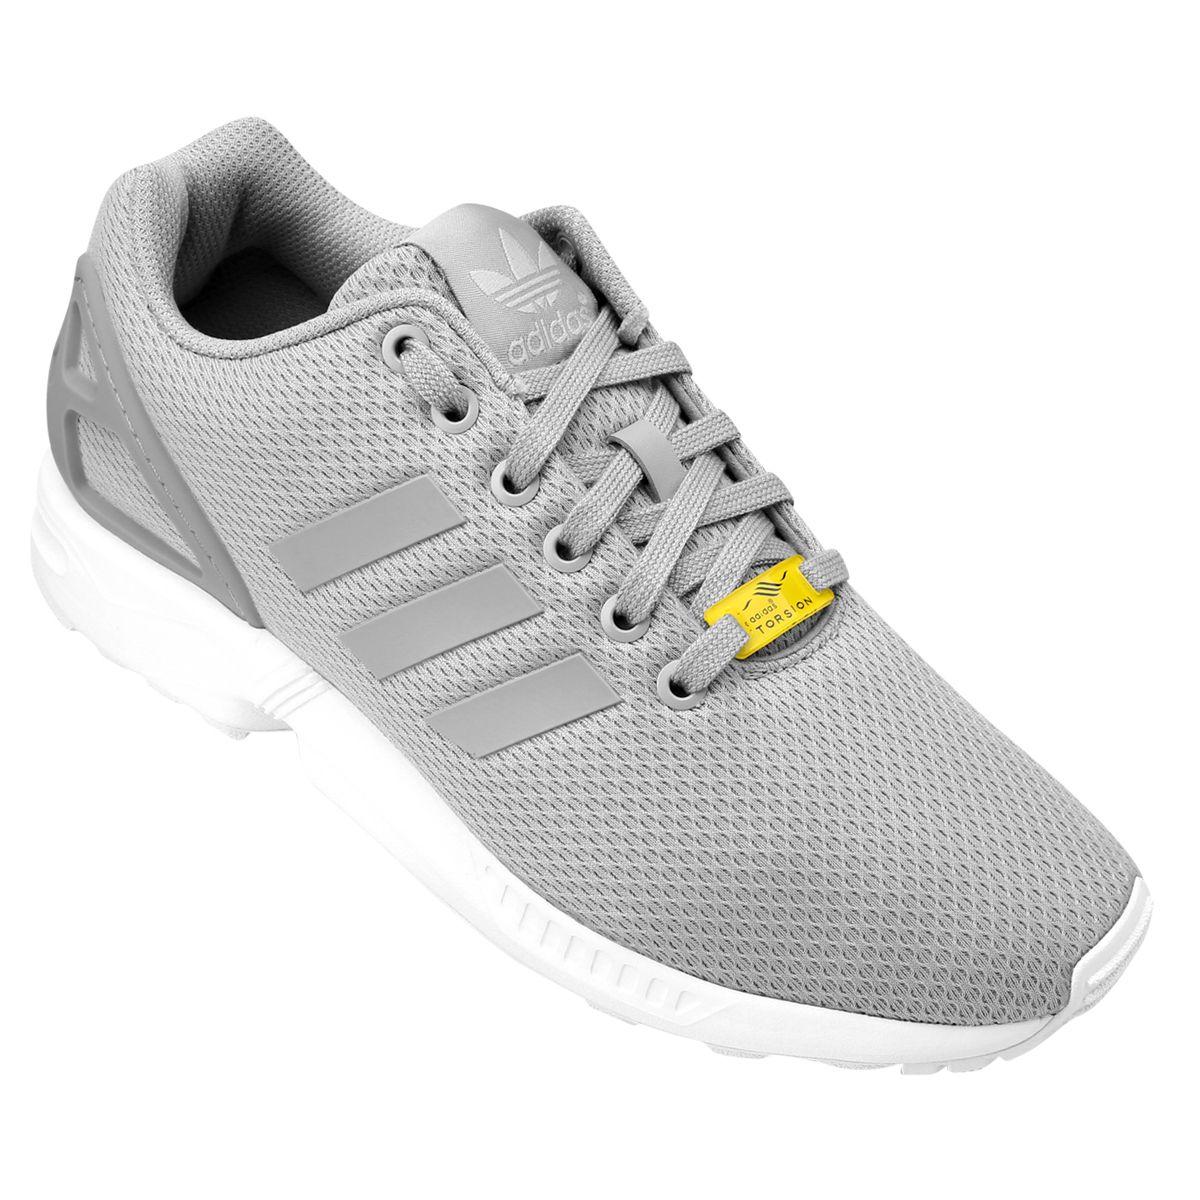 e6a7d729628 Tênis Adidas ZX FLUX Cinza e Branco